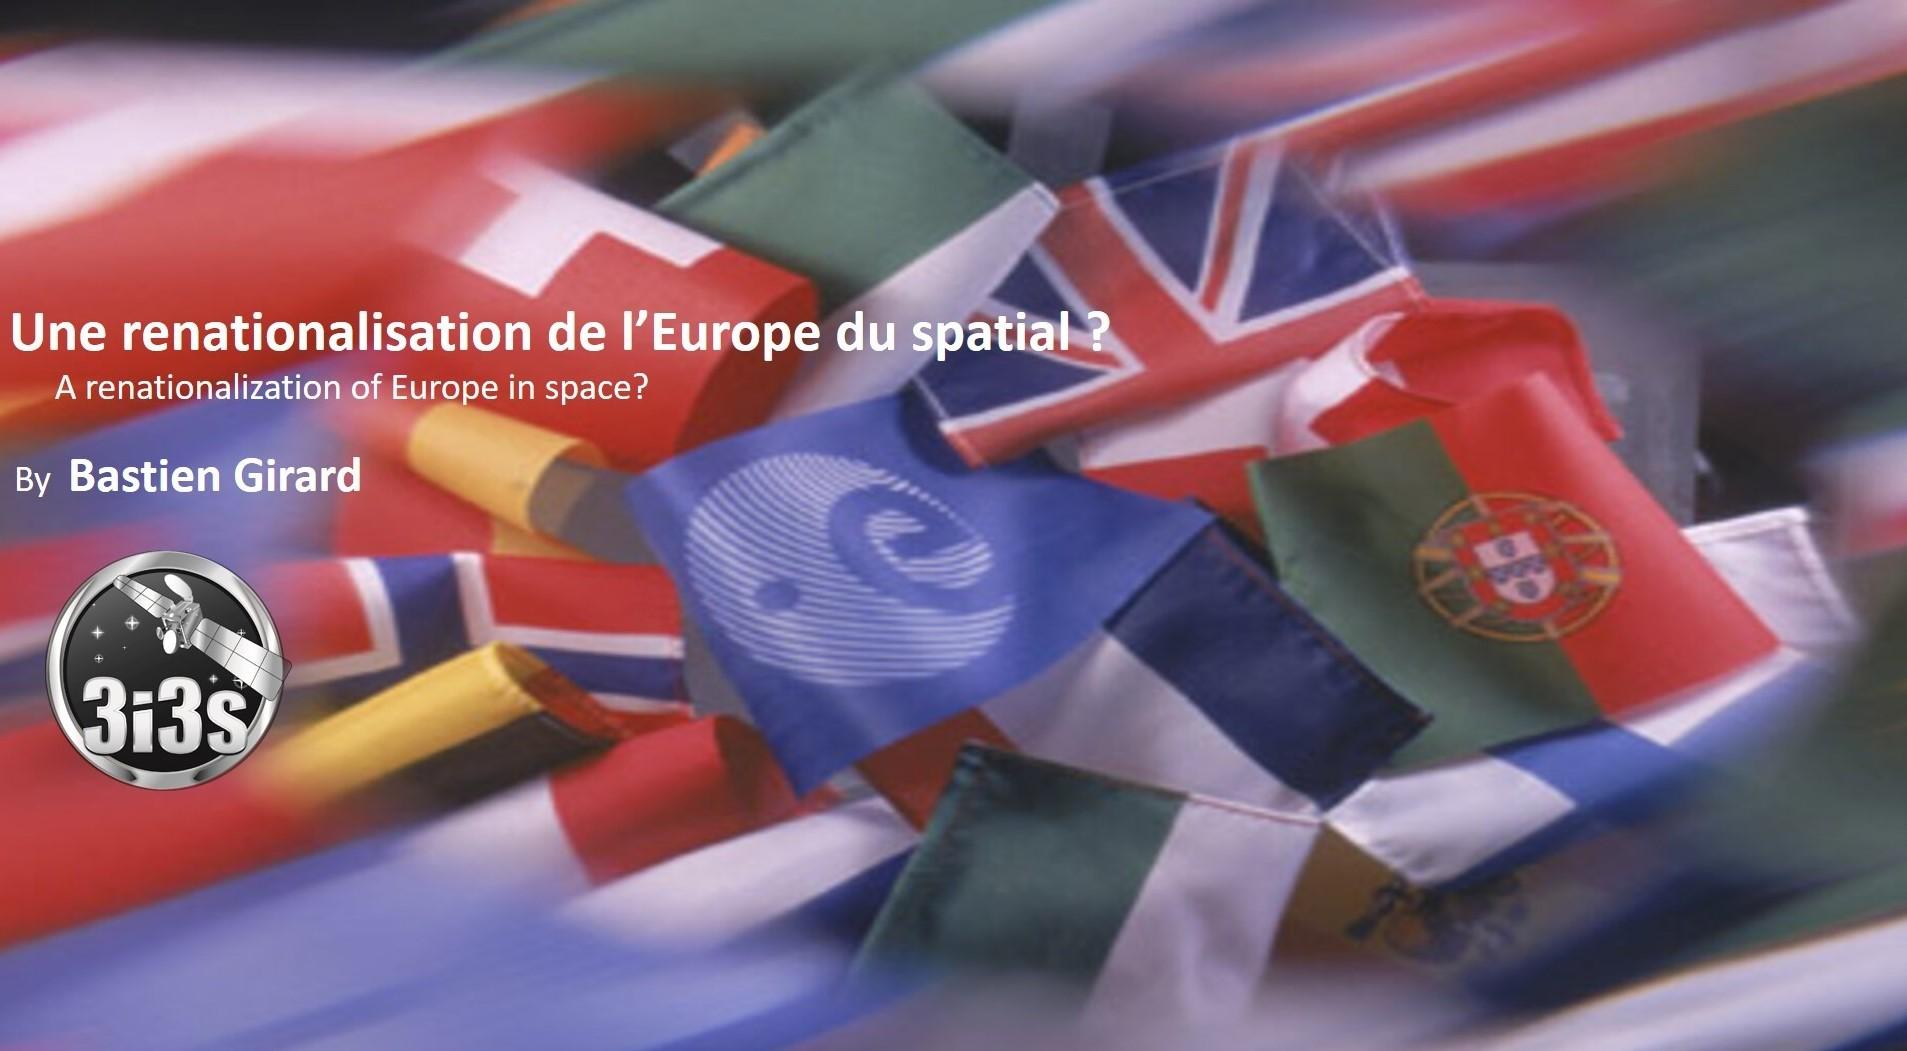 3i3s – UNE RENATIONALISATION DE L' EUROPE DU SPATIAL? par Bastien GIRARD